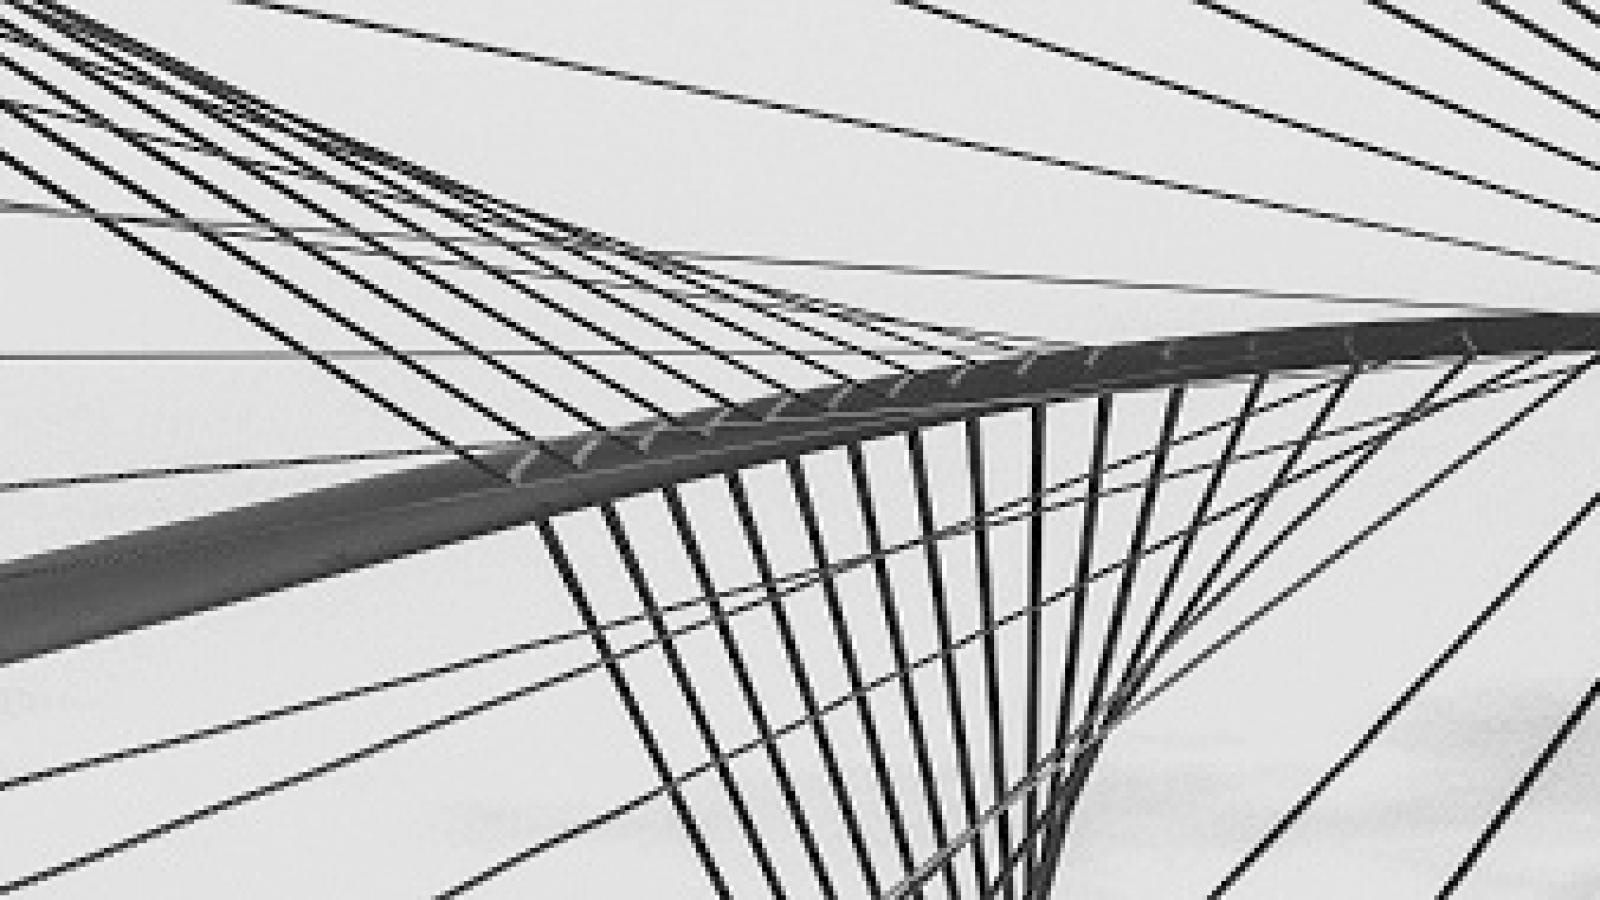 suspension-bridge-828674_1920 mod2